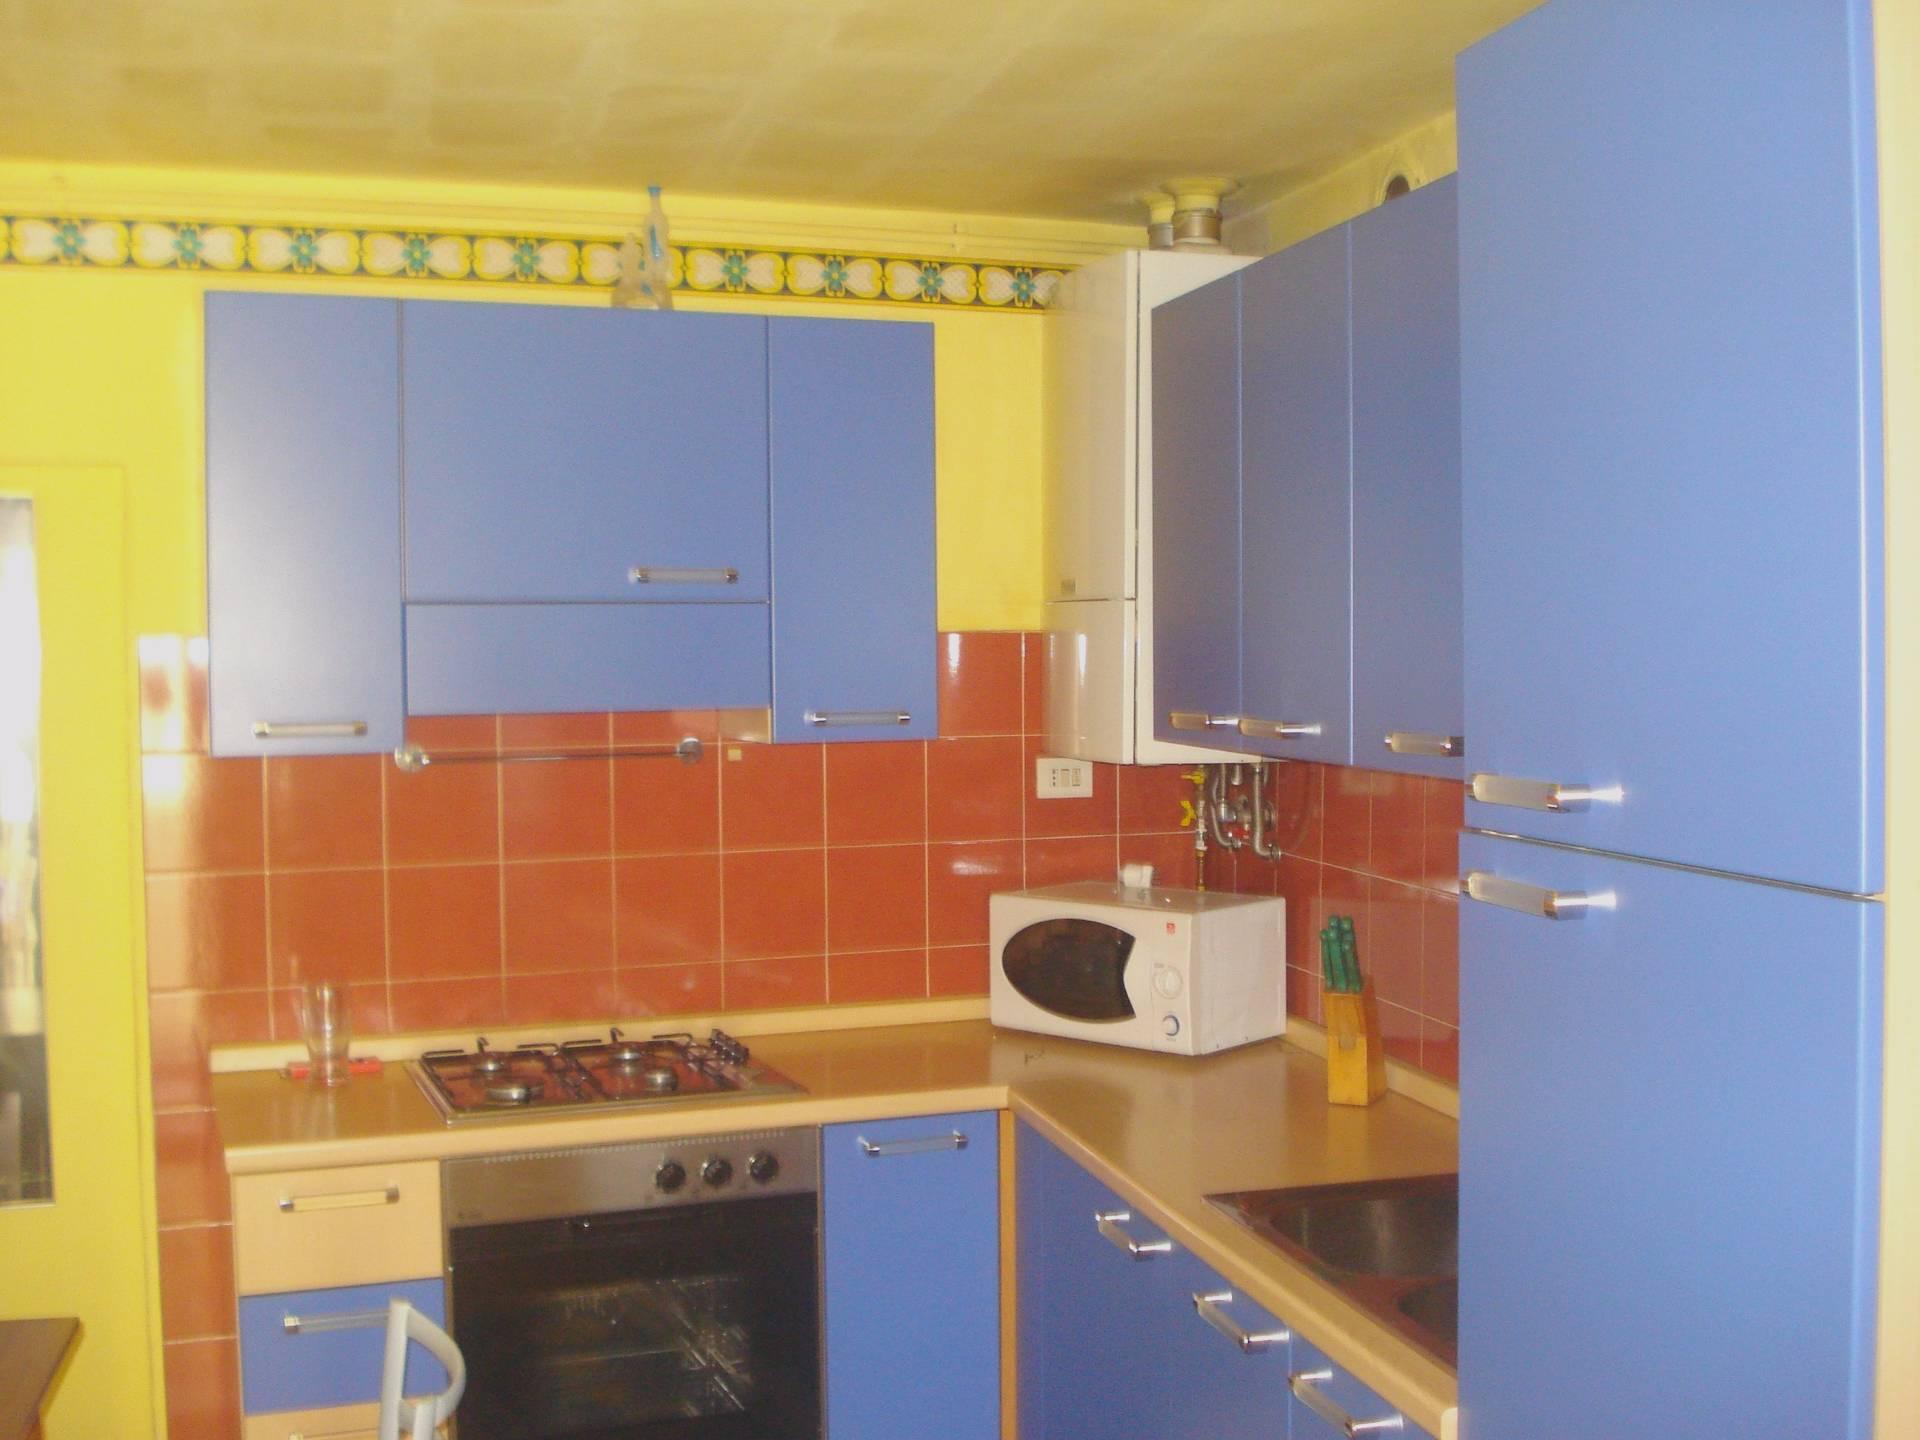 Appartamento in affitto a Biella, 2 locali, zona Zona: Centro, prezzo € 3.000 | Cambio Casa.it